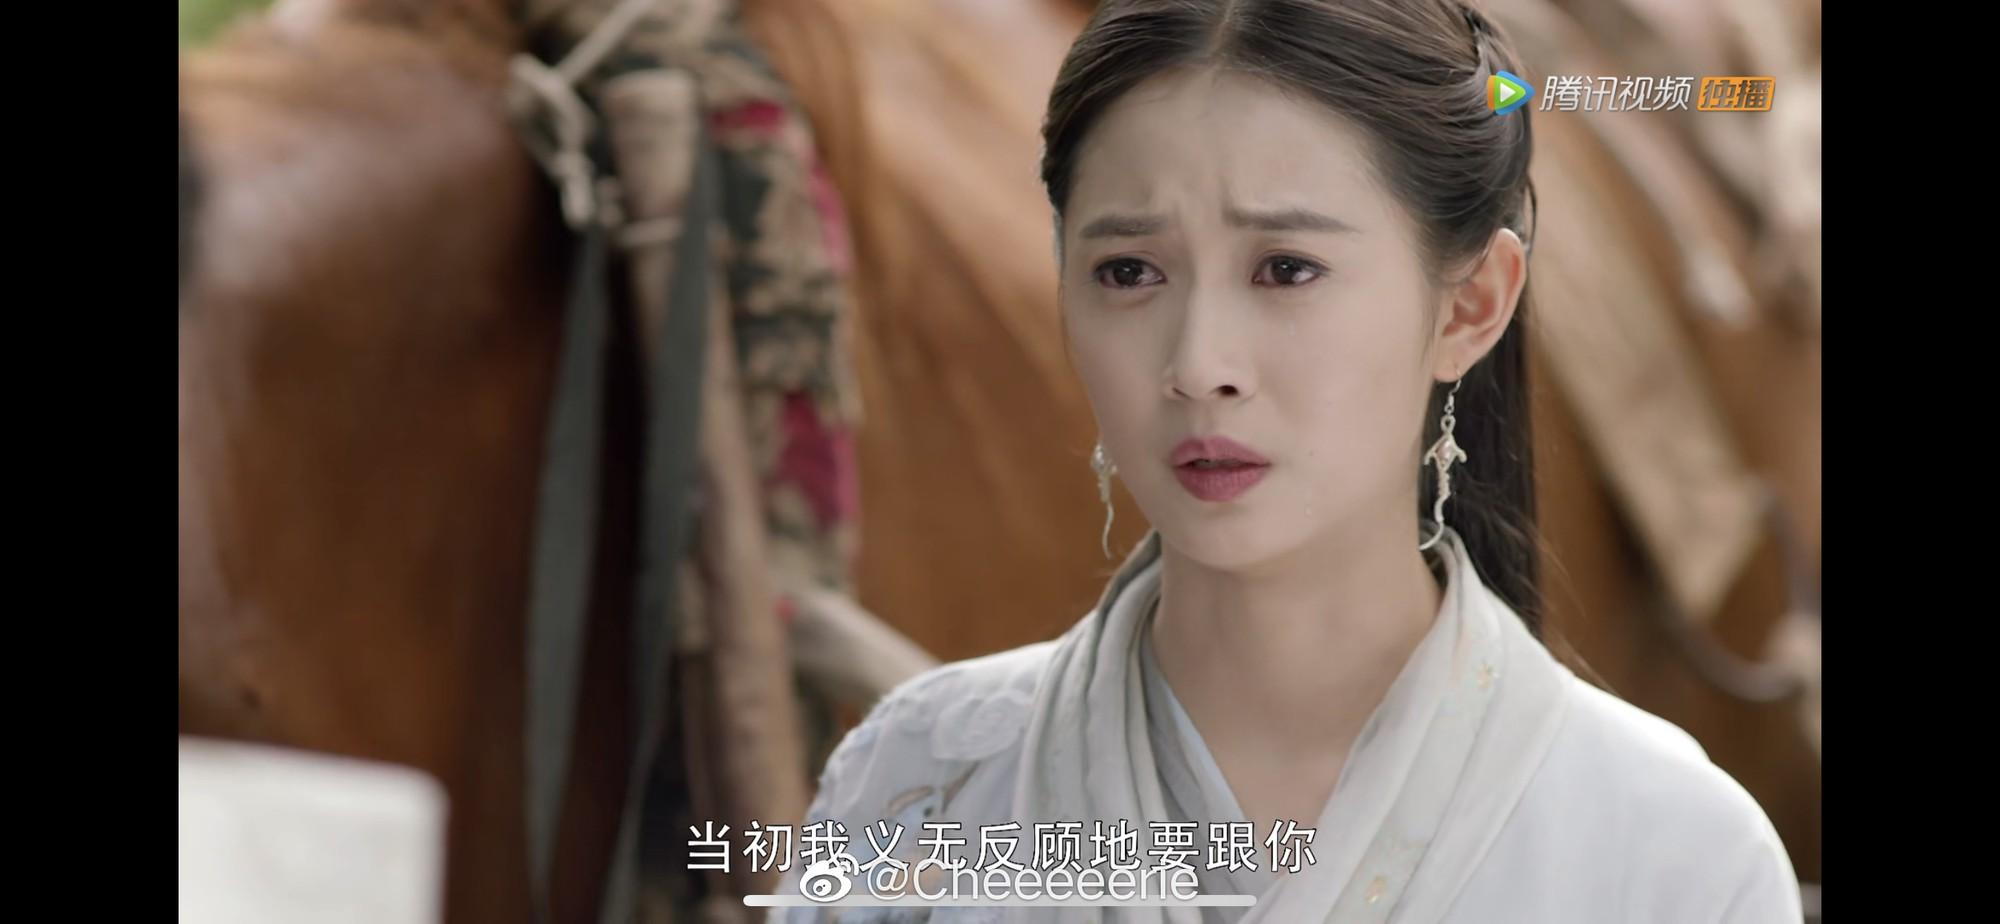 Thảm hoạ tập cuối Tân Ỷ Thiên Đồ Long Ký, netizen phẫn nộ: Biên kịch là mẹ đẻ Chu Chỉ Nhược đúng không? - Ảnh 12.